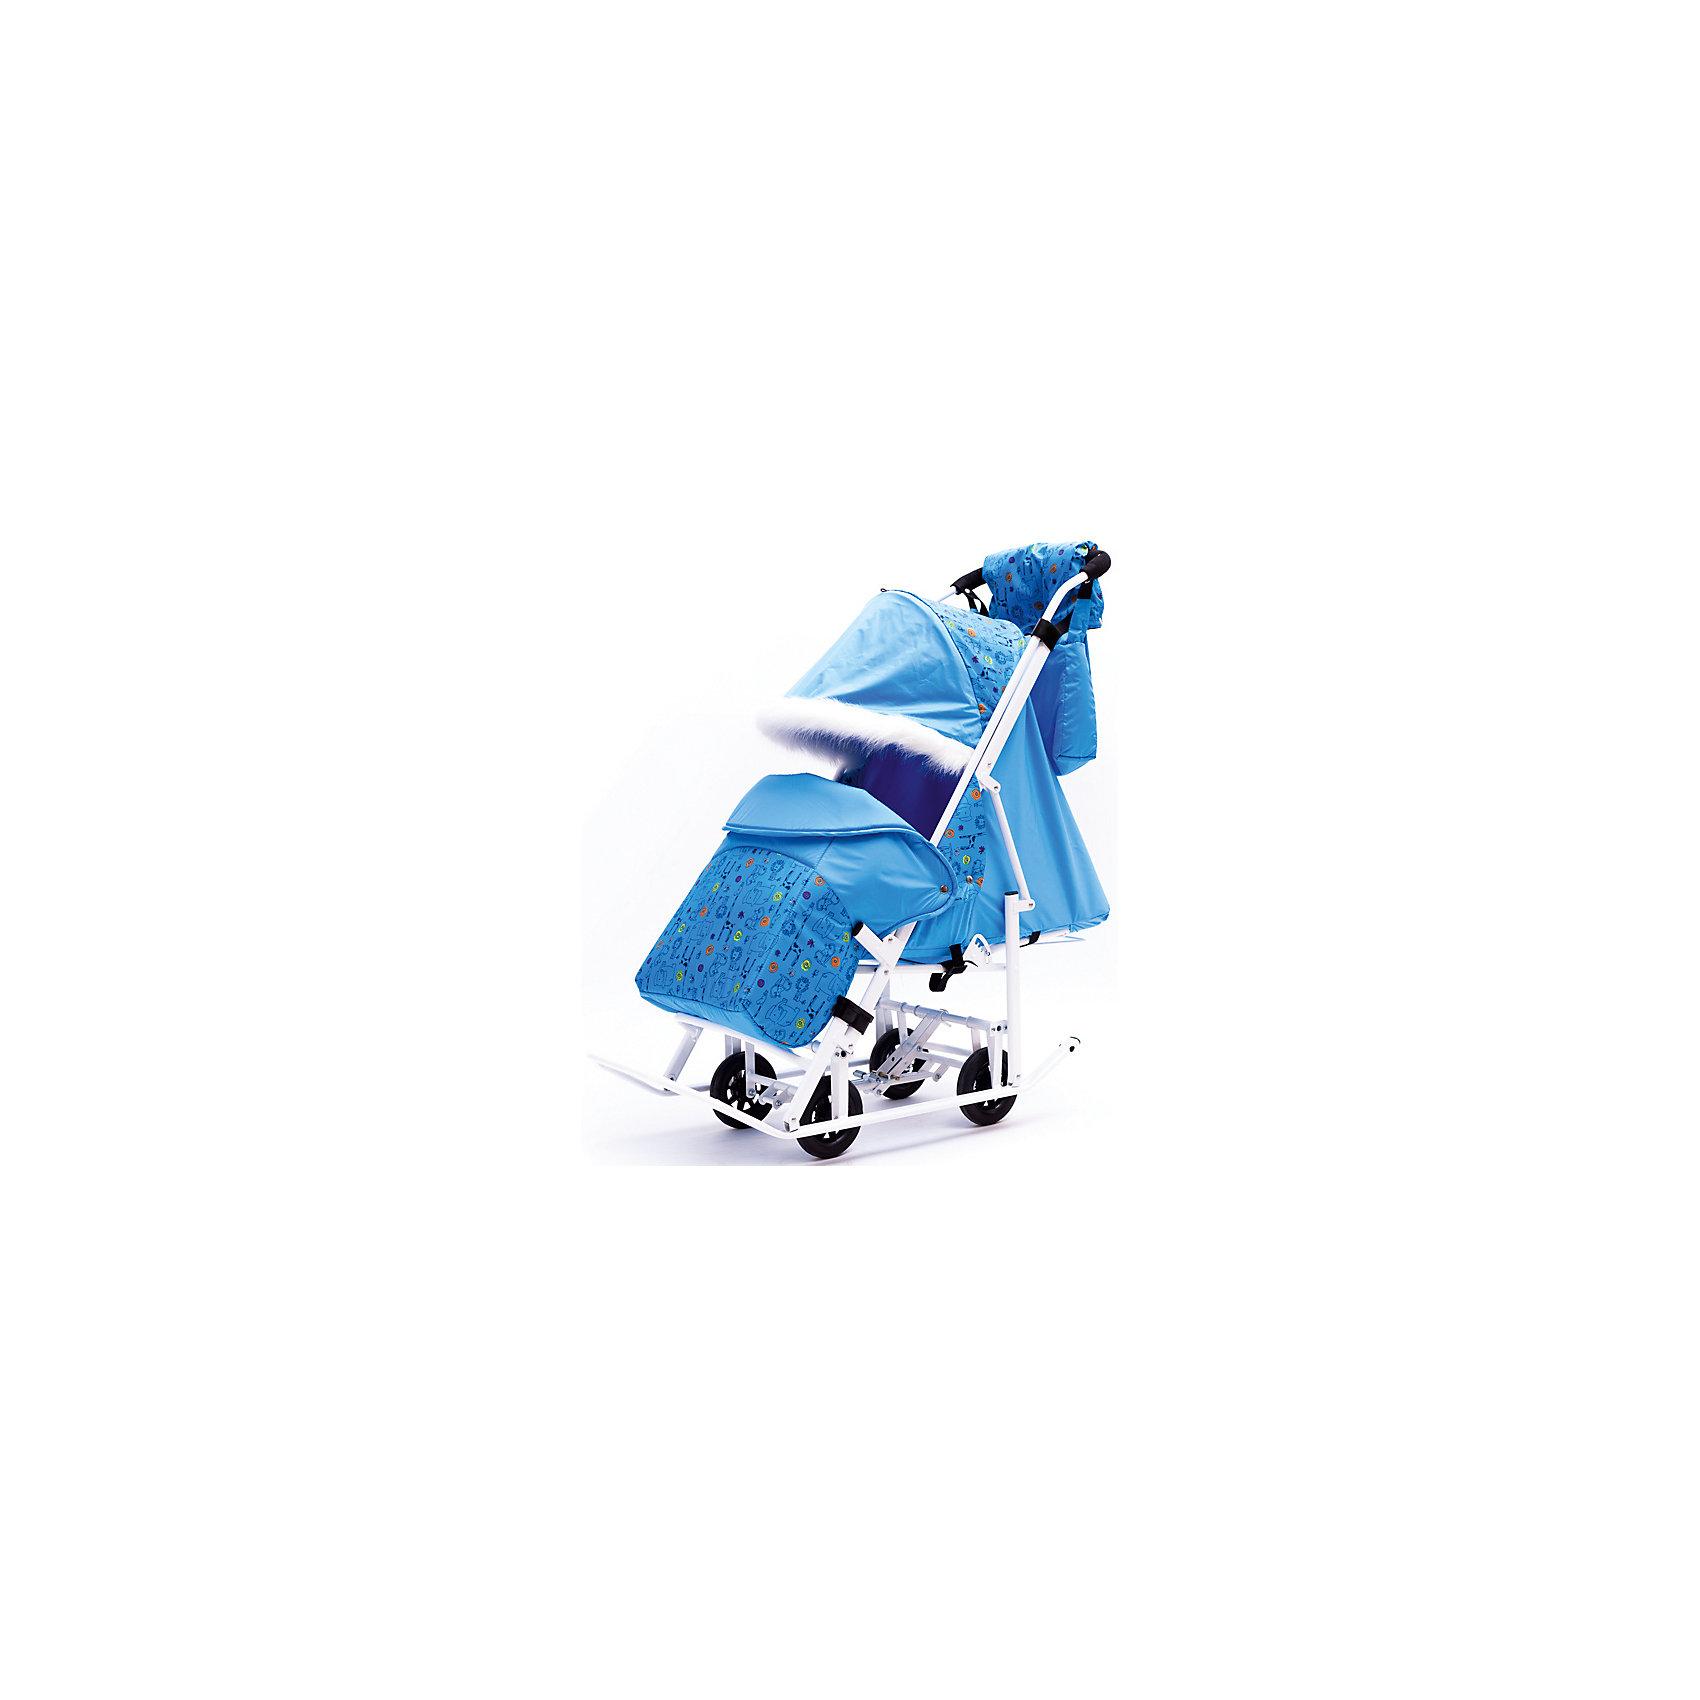 Санки-коляска Зимняя Сказка 5М Люкс, белая рама, ABC Academy, голубой/зоопаркСанки-коляска Зимняя Сказка 5М Люкс, ABC Academy.<br><br>Характеристики детских санок-коляски ABC Academy с колесами:<br><br>• тип управления: толкать перед собой;<br>• полозья средней ширины дополнены большими выкатными колесиками, 4 основных + 2 дополнительных;<br>• перекидная ручка коляски с мягкой накладкой не регулируется по высоте;<br>• регулируемый наклон спинки: 3 положения вплоть до горизонтального;<br>• имеется подножка;<br>• регулируемый капюшон с меховой отделкой, практически полностью опускается;<br>• наличие 5-ти точечных ремней безопасности;<br>• тип складывания: книжка;<br>• температурный режим: до -20 С;<br>• стояночный тормоз отсутствует;<br>• материал: сталь, горнолыжная ткань Dewspo;<br>• ширина сиденья: 34 см;<br>• длина сиденья: 26 см;<br>• размер спинки: 44х34 см;<br>• размер спального места: 70х34 см;<br>• размер санок-коляски в разложенном виде, ДхШхВ: 115х44х100 см;<br>• размер упаковки: 120х45х20 см;<br>• вес санок-коляски: 9 кг.<br><br>В санках используется ткань Dewspo- относится к облегчённым курточным и плащёвым материалам. Мех декоративный. Санками можно пользоваться до -20 градусов.<br><br>Удобное транспортное средство для зимних прогулок с малышом, возраст которого находится в пределах от 8 месяцев до 4-х лет, - это санки-коляска на полозьях, которые можно толкать перед собой. Коляска оснащены выкатными колесами большого диаметра, которые можно убрать внутрь конструкции рамы. Ручка коляски цельная, не регулируется по высоте. Перекидная ручка коляски позволяет менять направление движения, не вынимая ребенка из прогулочного блока. <br><br>Коляска с полозьями компактно складывается по типу книжки. Дополнительные аксессуары предусмотрены для создания благоприятных условий для малыша на прогулке: утепленный чехол укутывает ножки малыша и доходит почти по пояса крохи. Для мамы в комплекте имеется сумка и муфта.<br><br>Комплектация:<br><br>• санки-коляска «Зимняя 